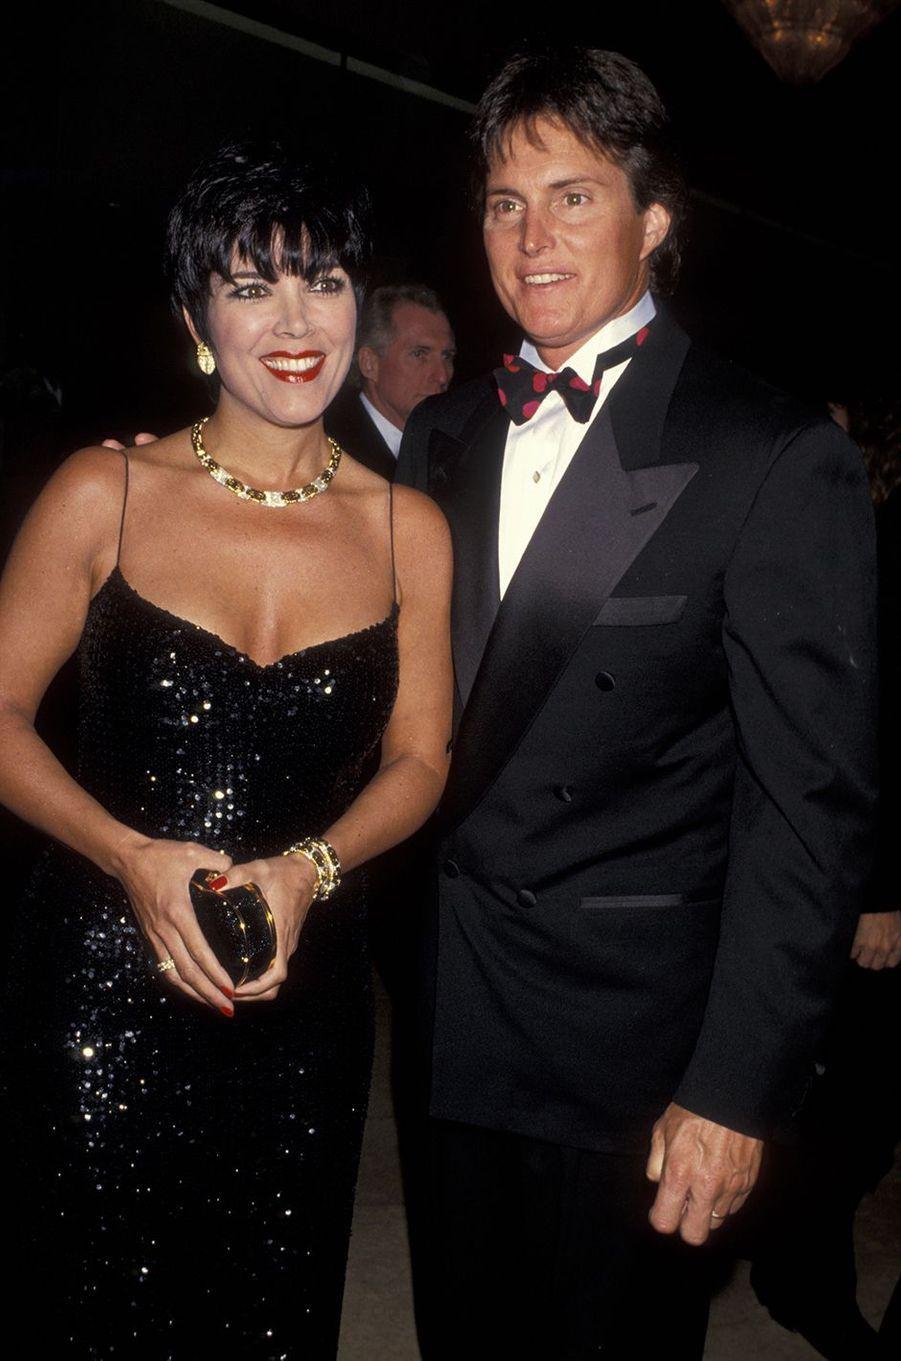 Kris et Bruce Jenner lors d'un gala caritatif à Beverly Hills en décembre 1993